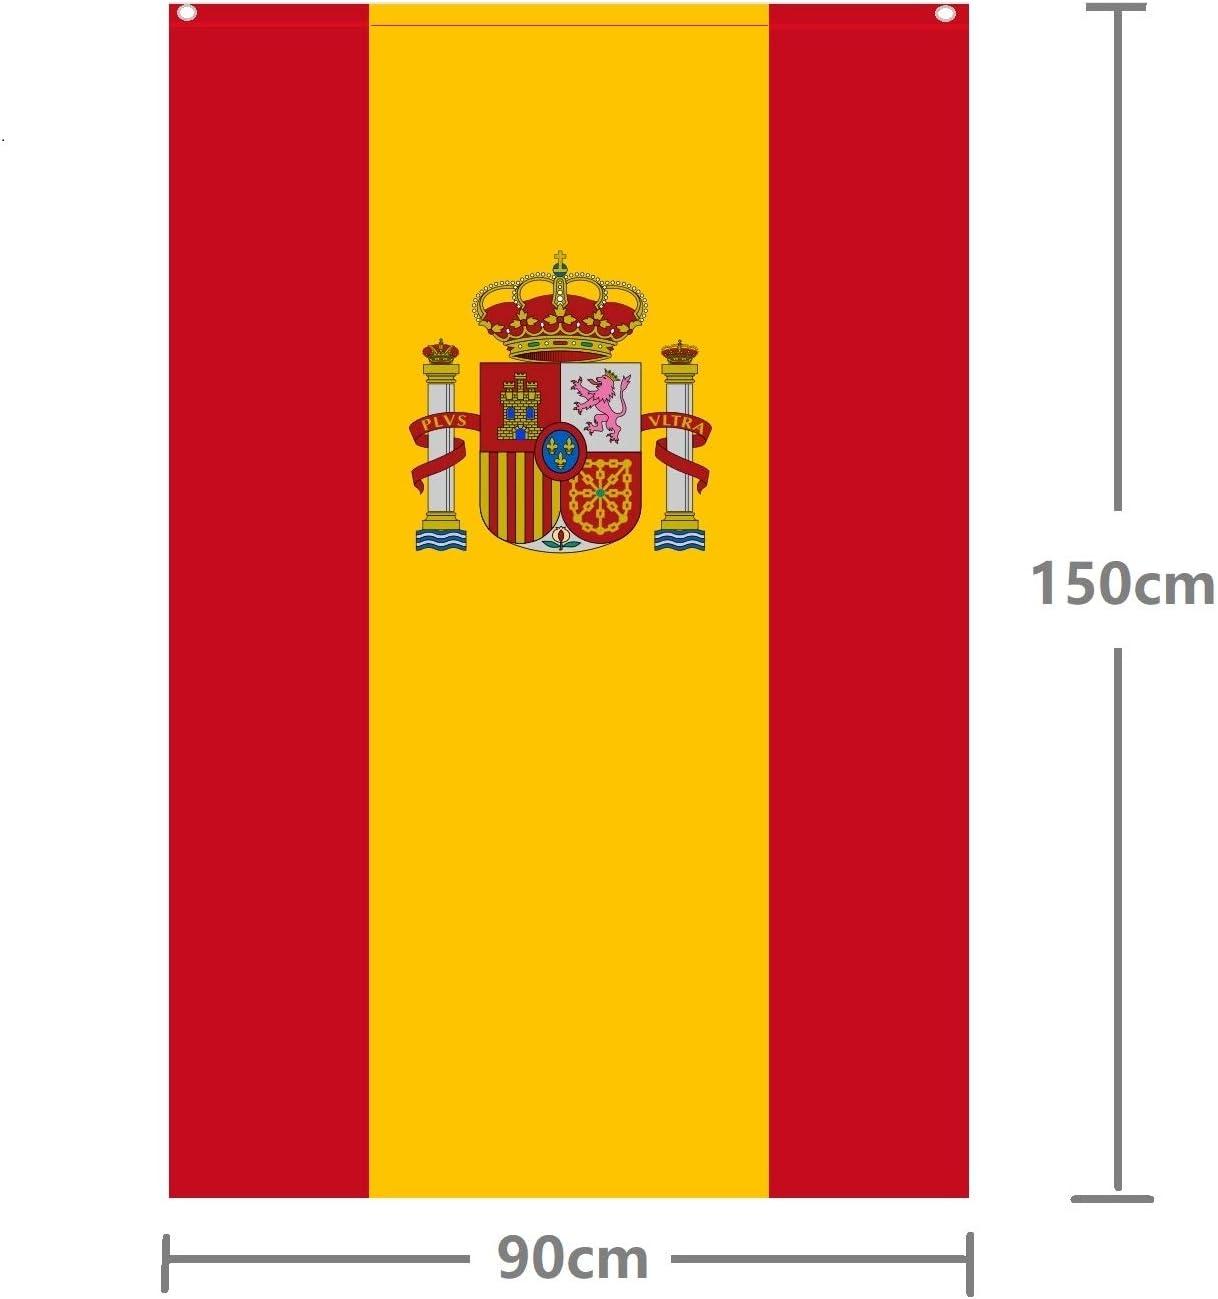 Durabol Bandera de España con Escudo Vertical 150X90 CM Flag Satin 2 Anillas metálicas fijadas en el Dobladillo: Amazon.es: Jardín